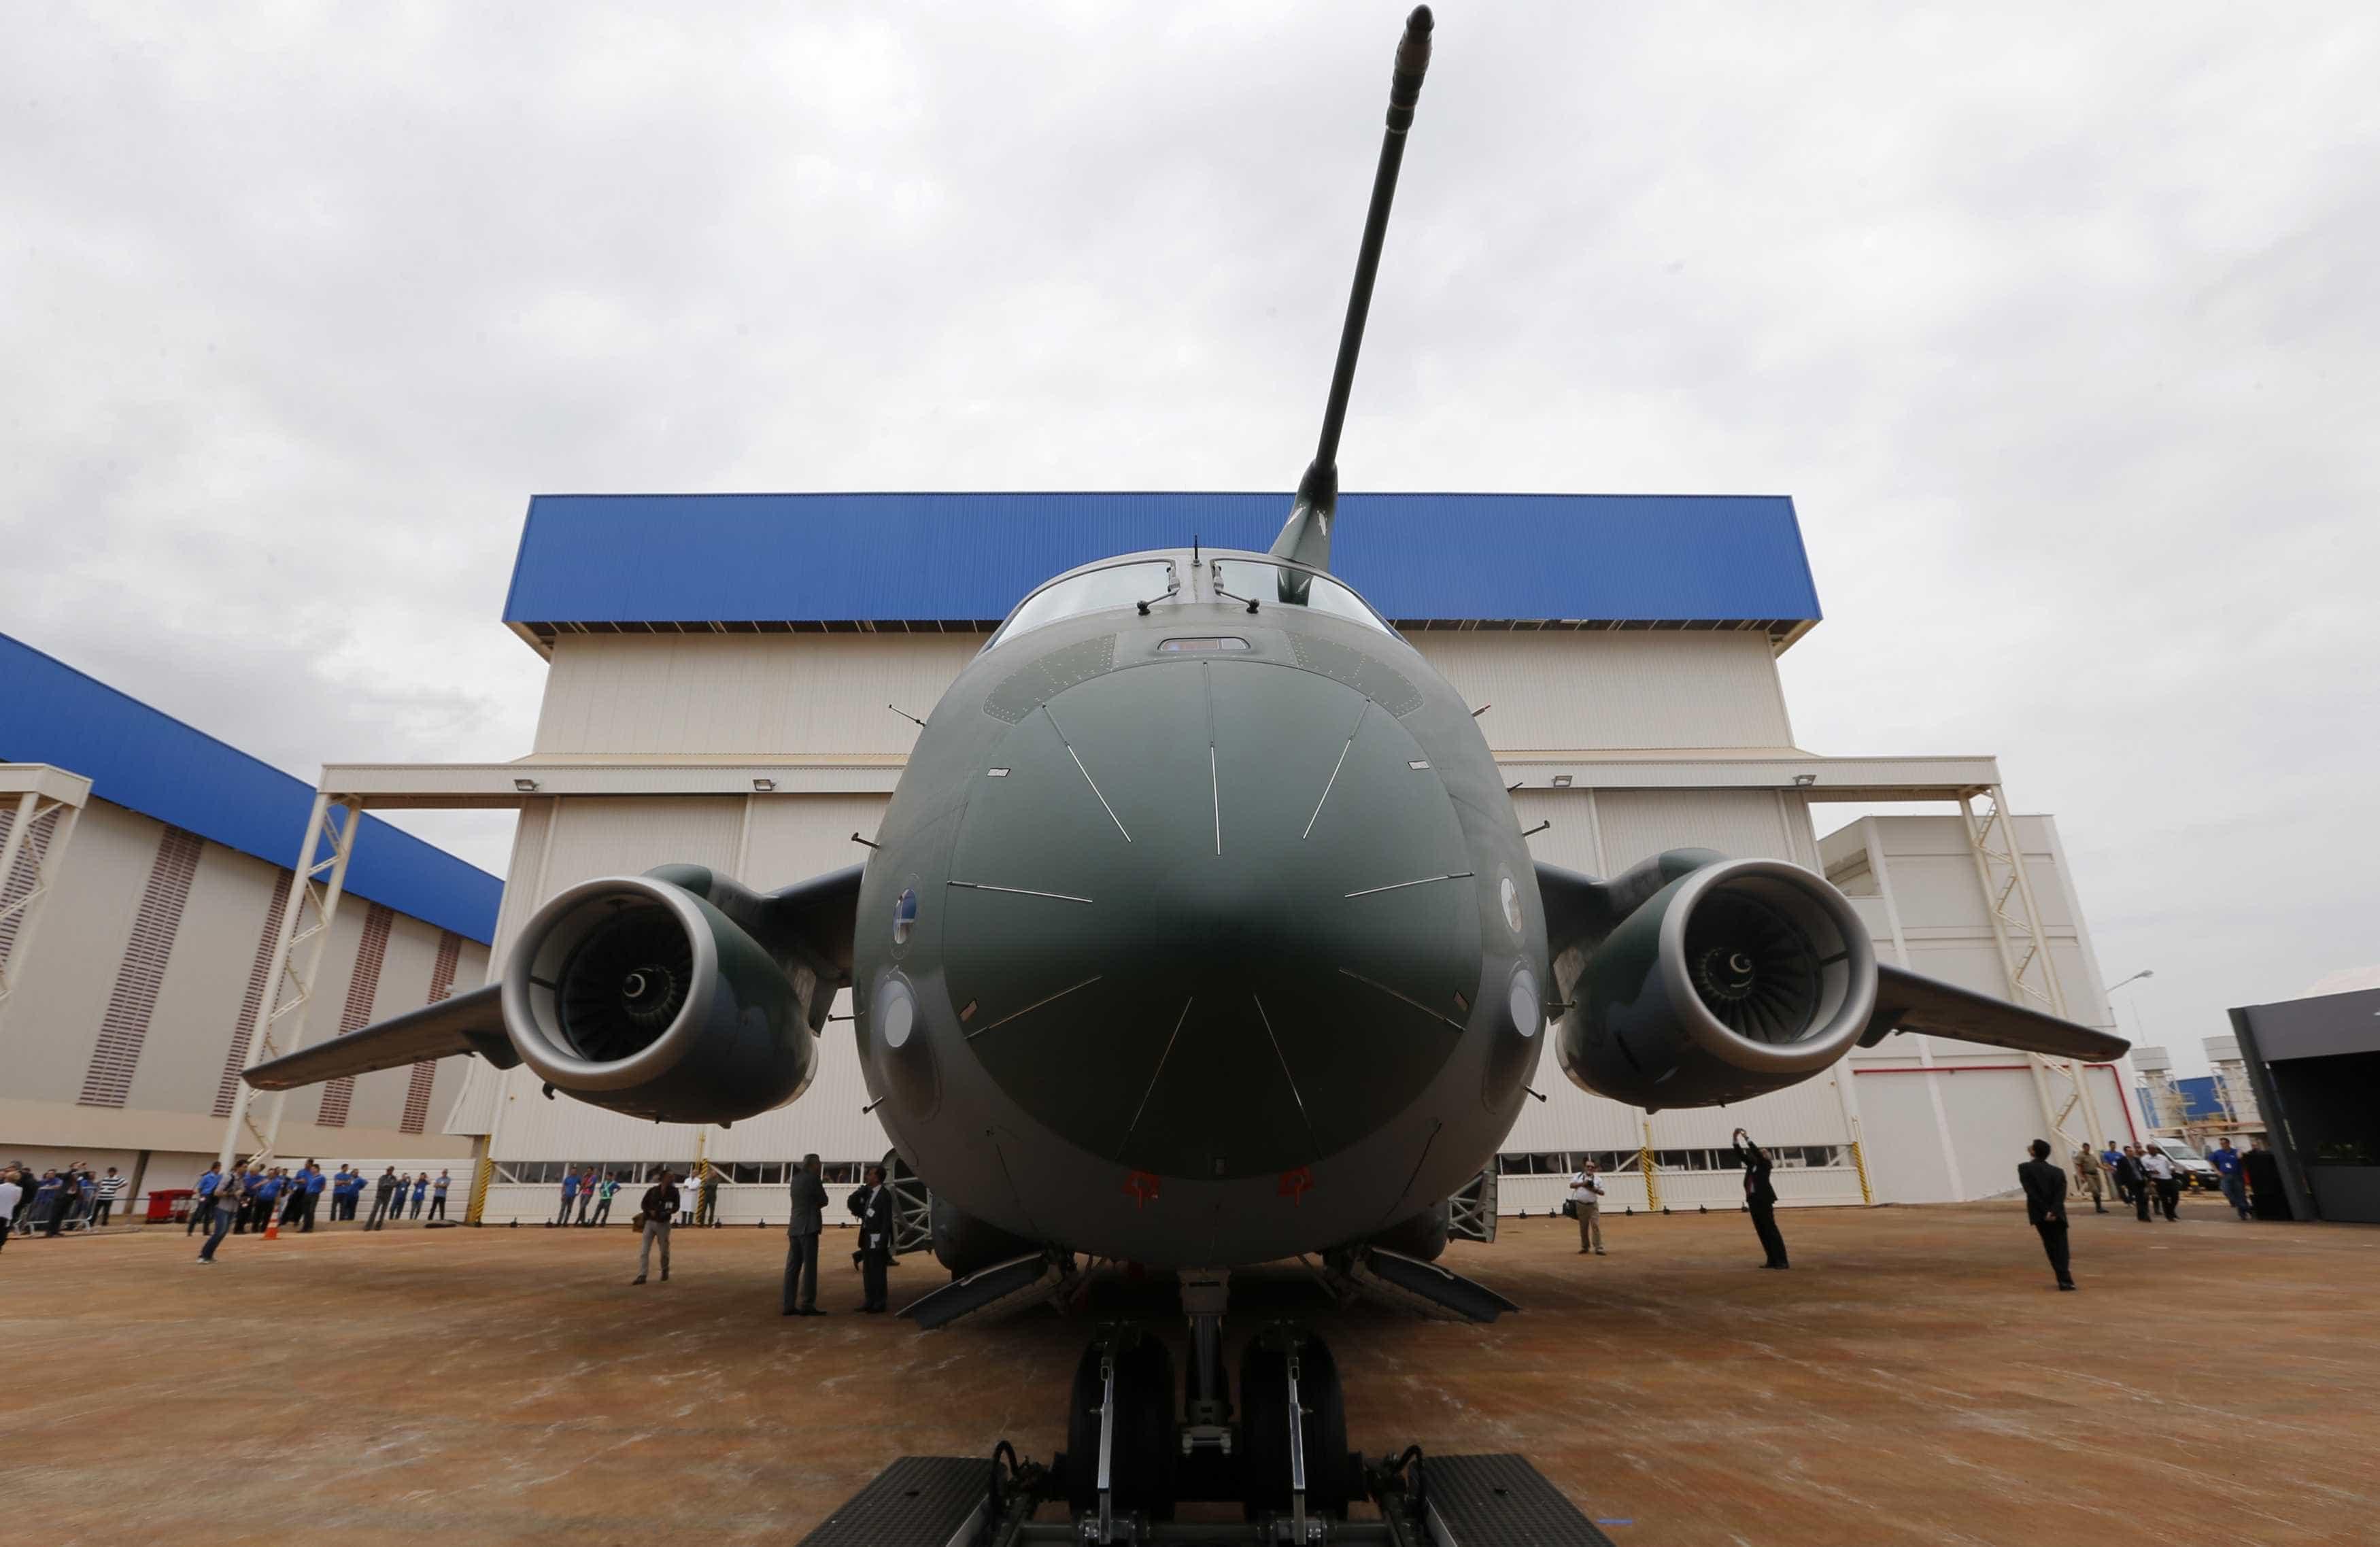 Embraer prevê pedido de 1.390 novos jatos comerciais na China em 20 anos